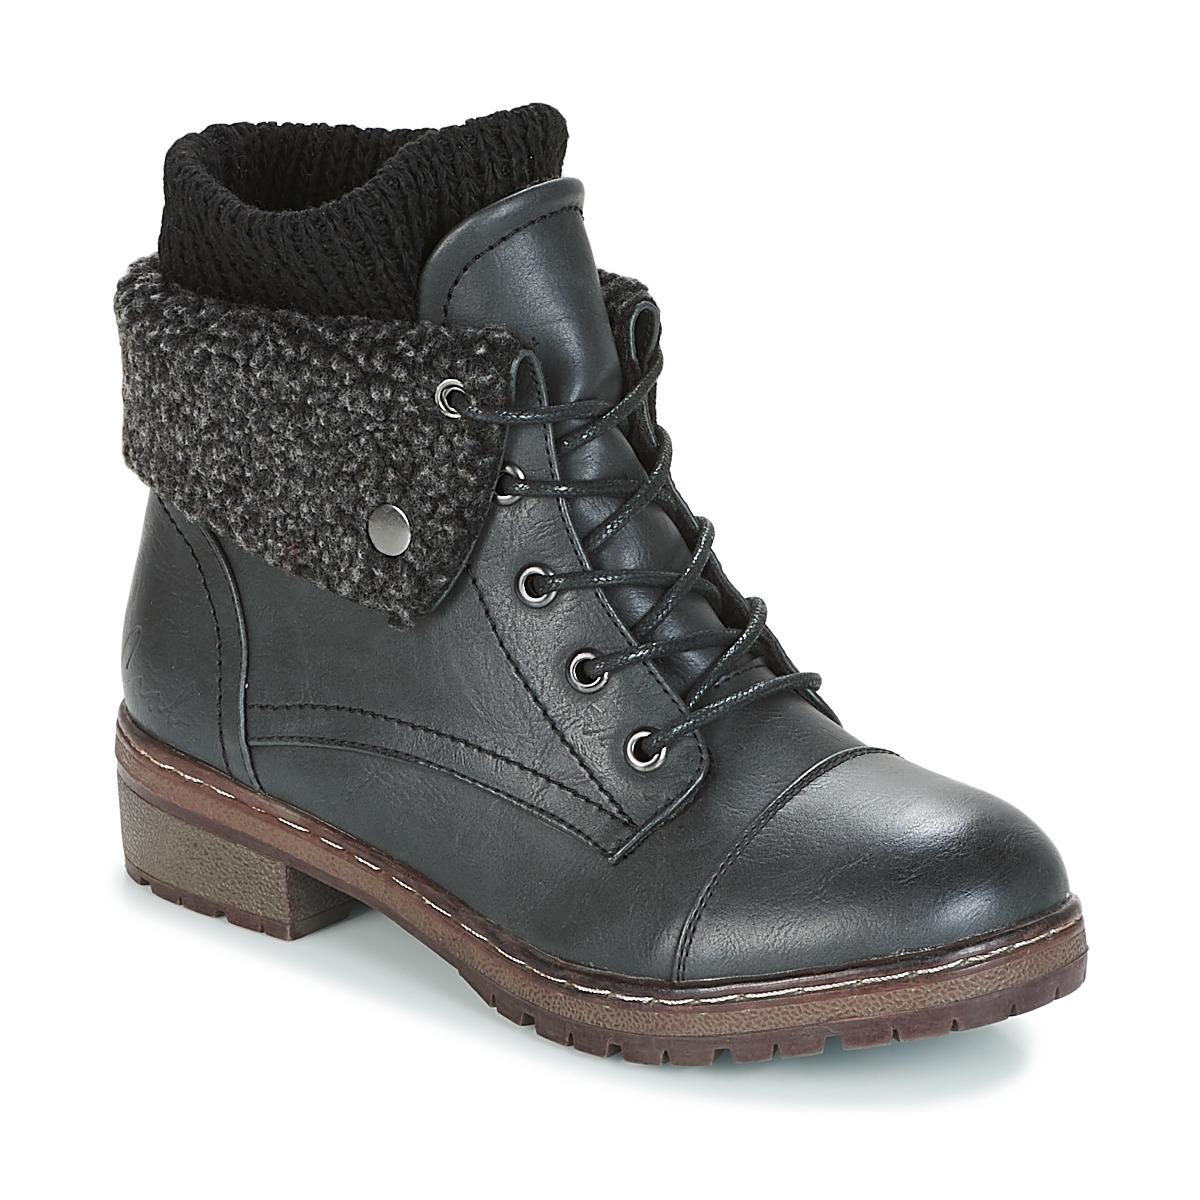 Coolway Chaussures Livraison Gratuite Avec Tony Perotti Loafers Artiro Black Femme Boots Bring Noir